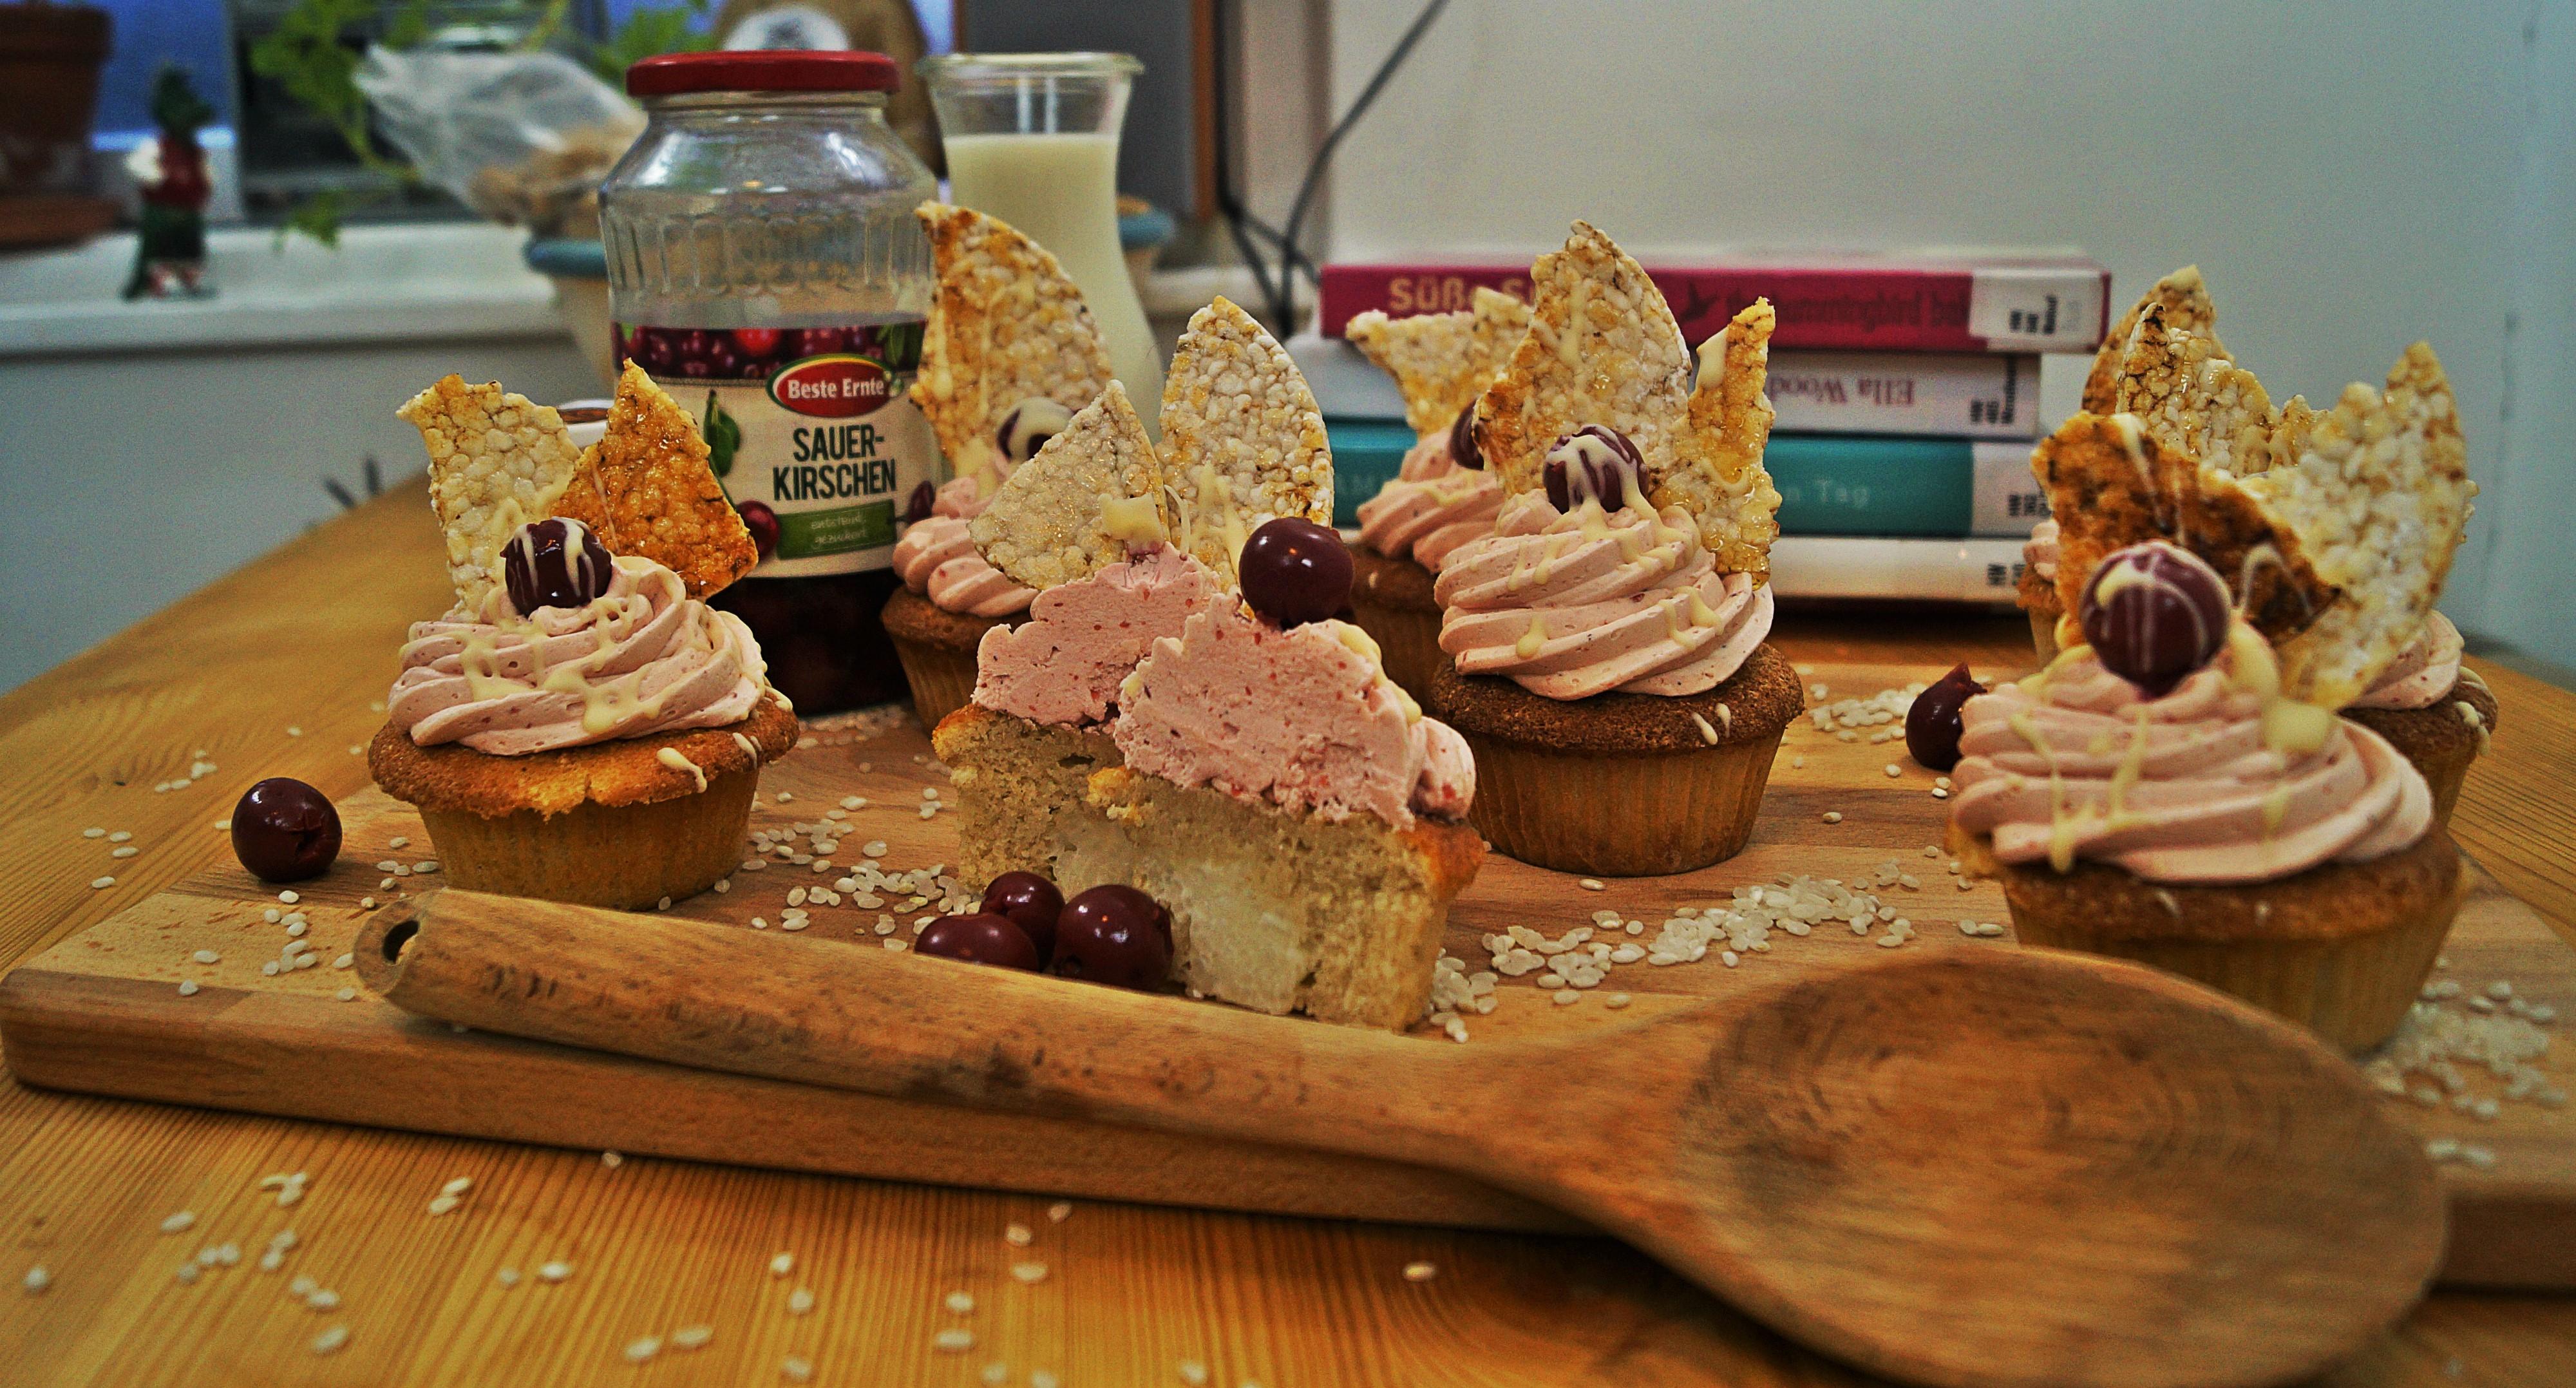 Rezept: Milchreiscupcakes mit Kirschfrosting